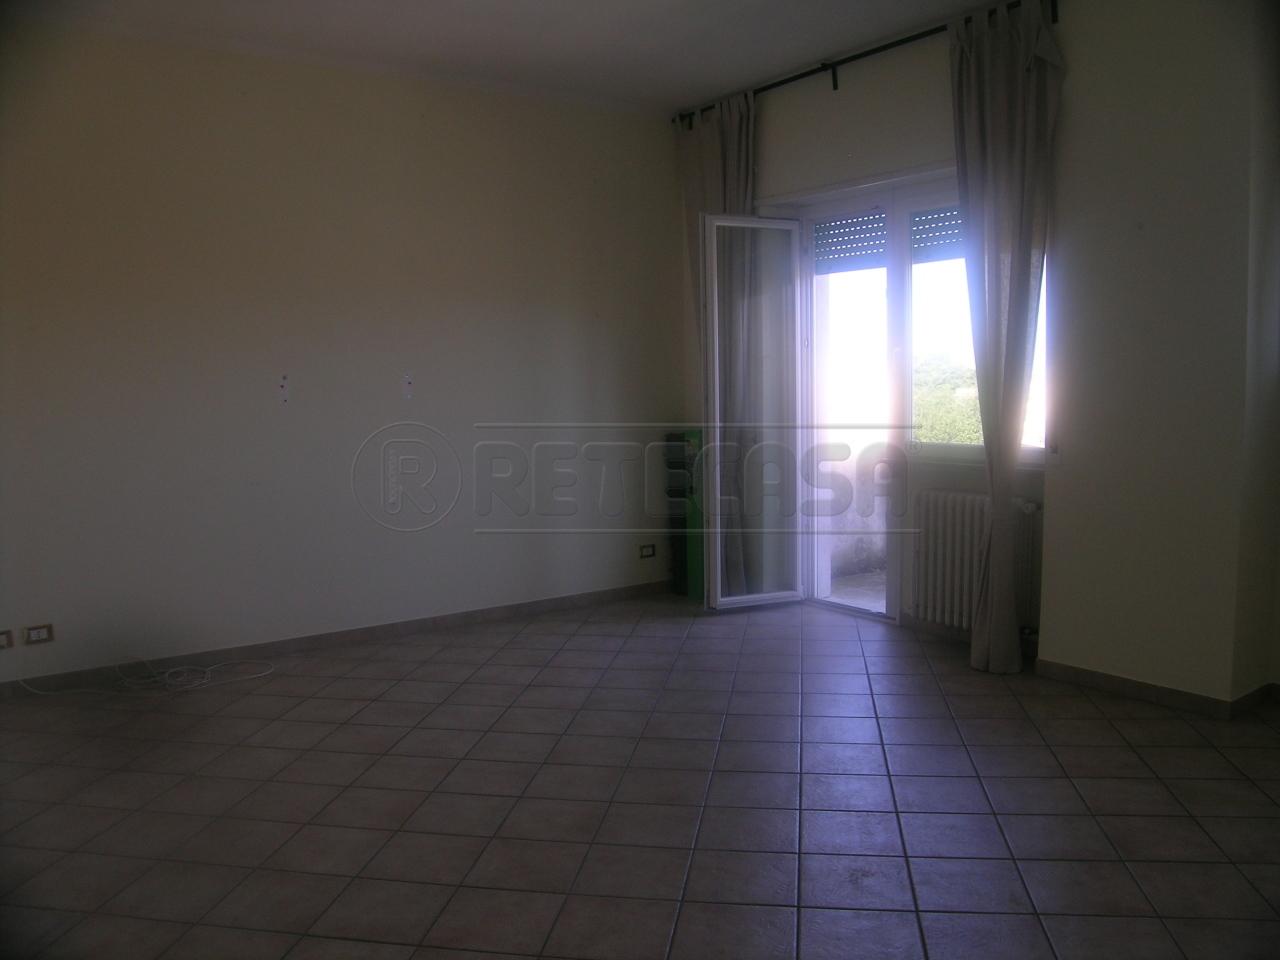 Appartamento 5 locali in affitto a Ancona (AN)-9